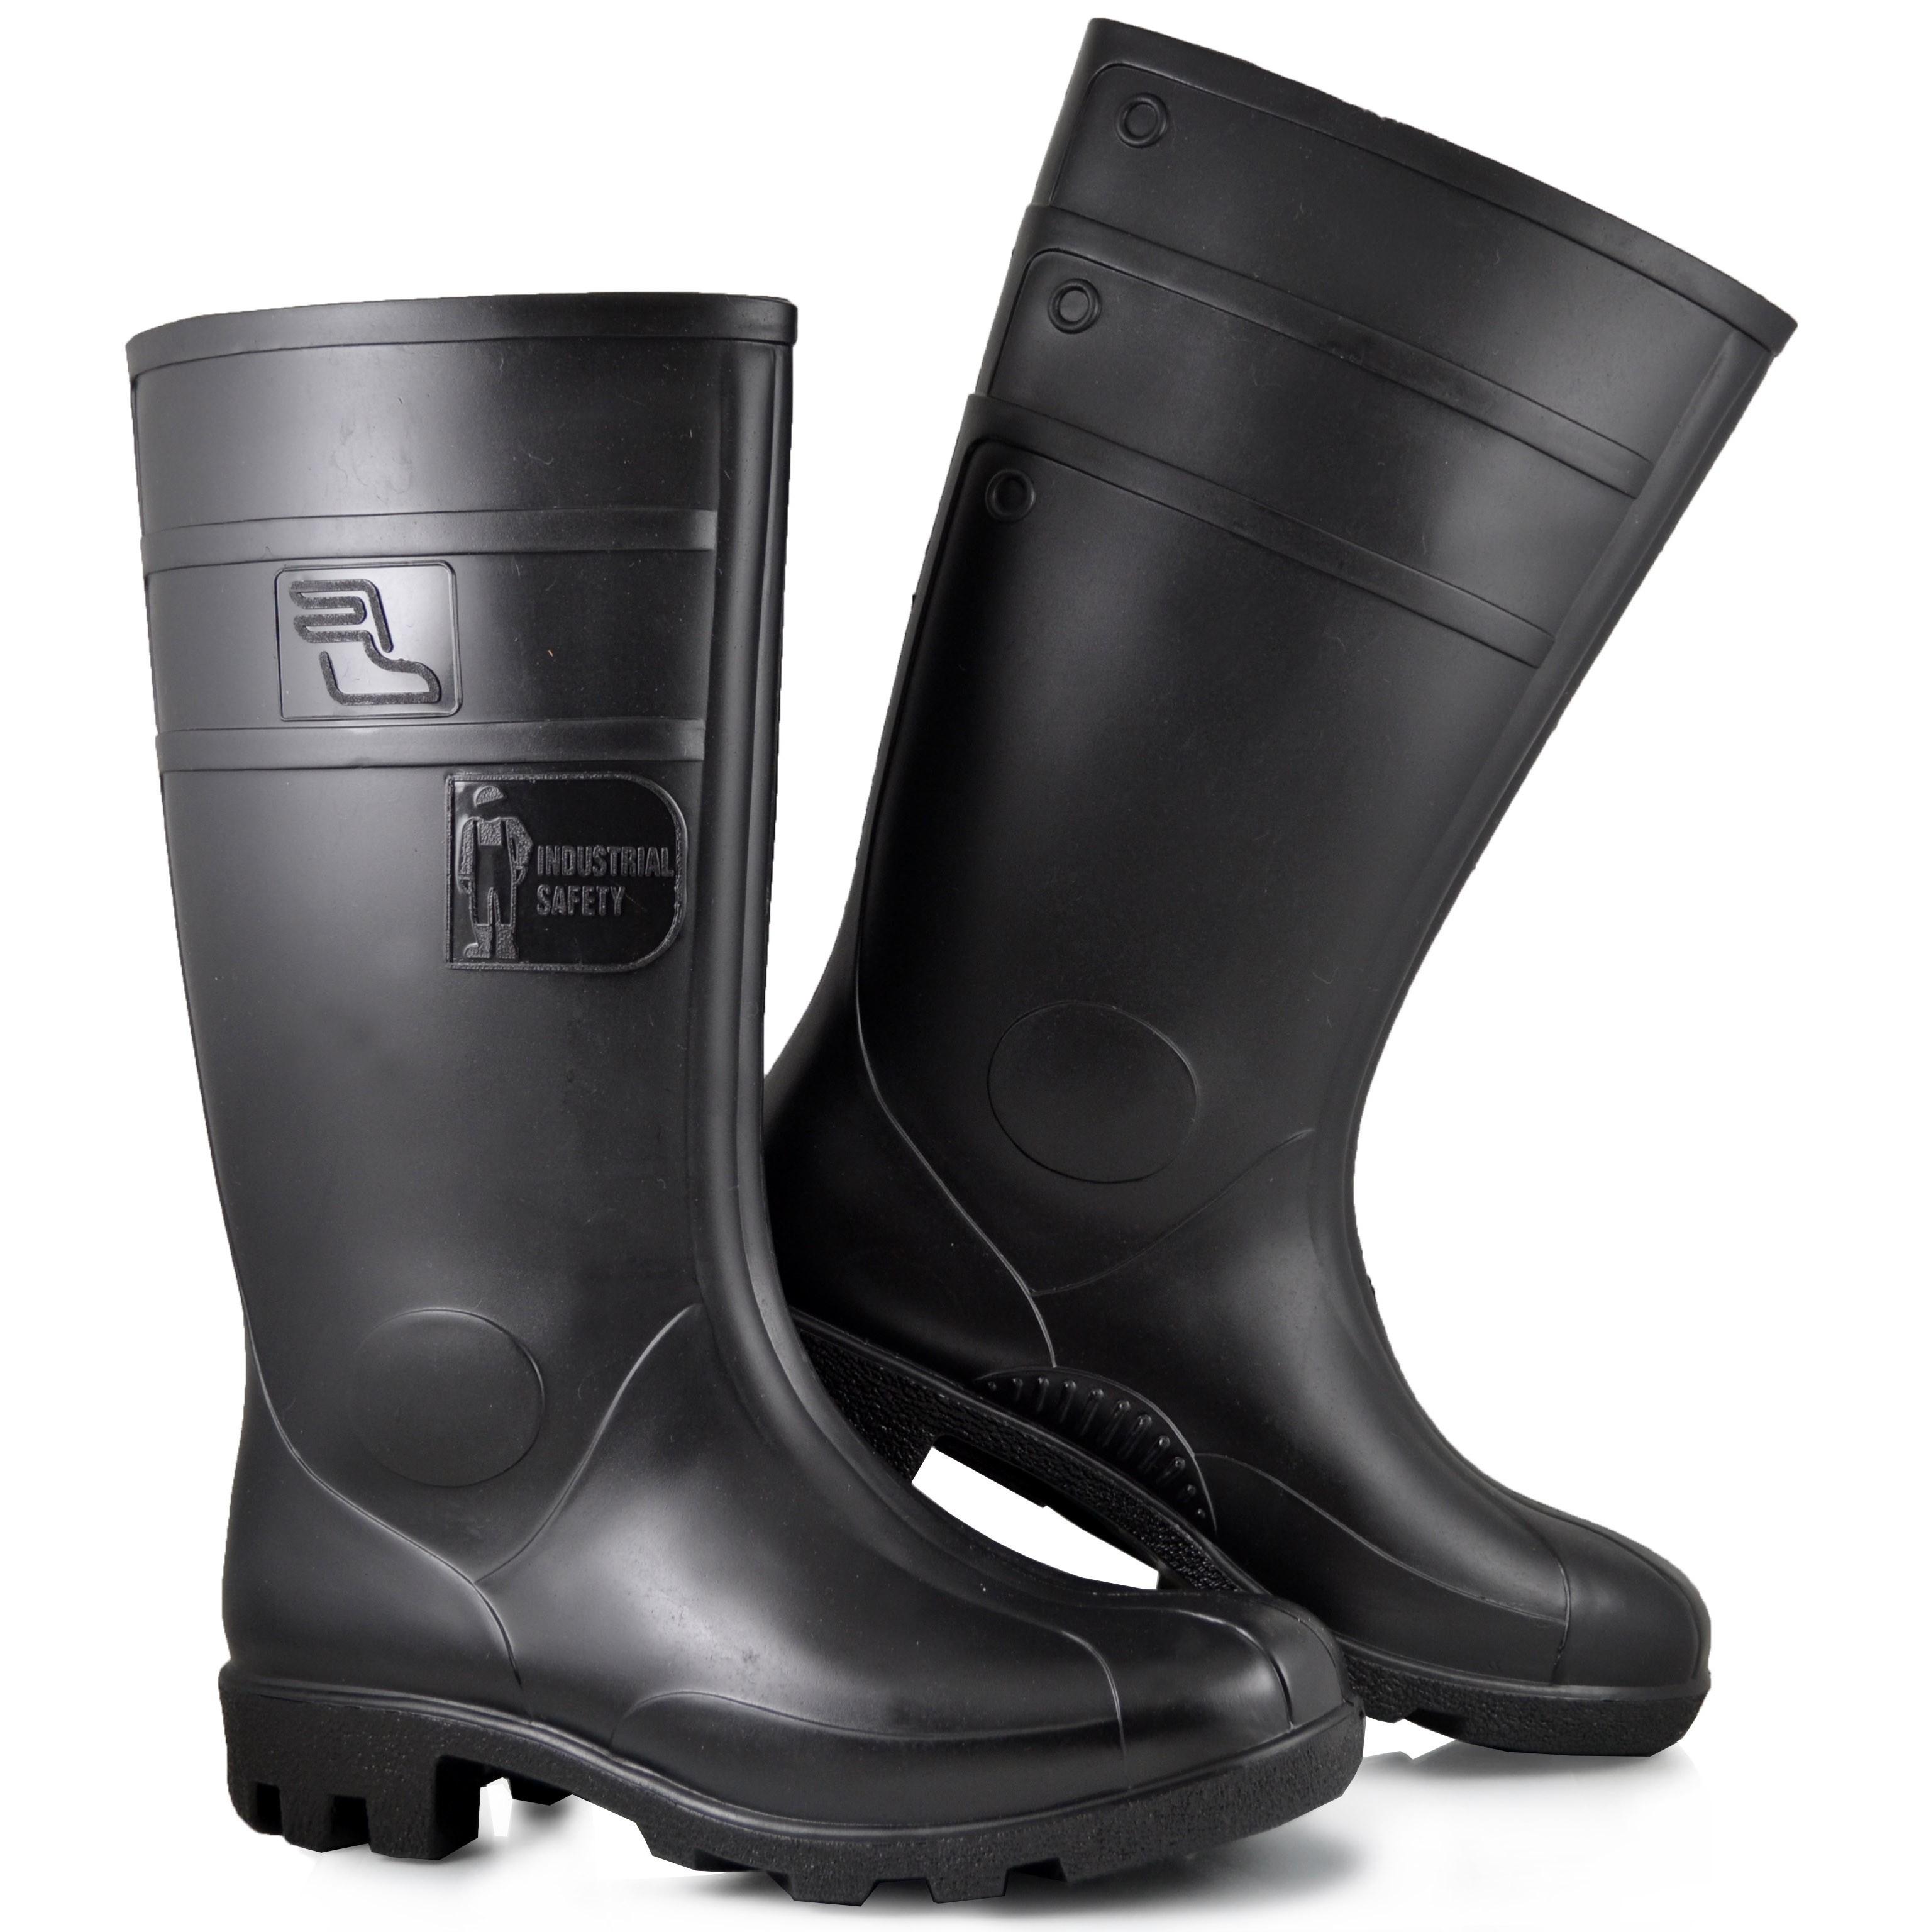 Fagum-Stomil Kalosze meskie 13157 rozmiar 41 - BFPCV 41 BHP BFPCV 41 darba apavi